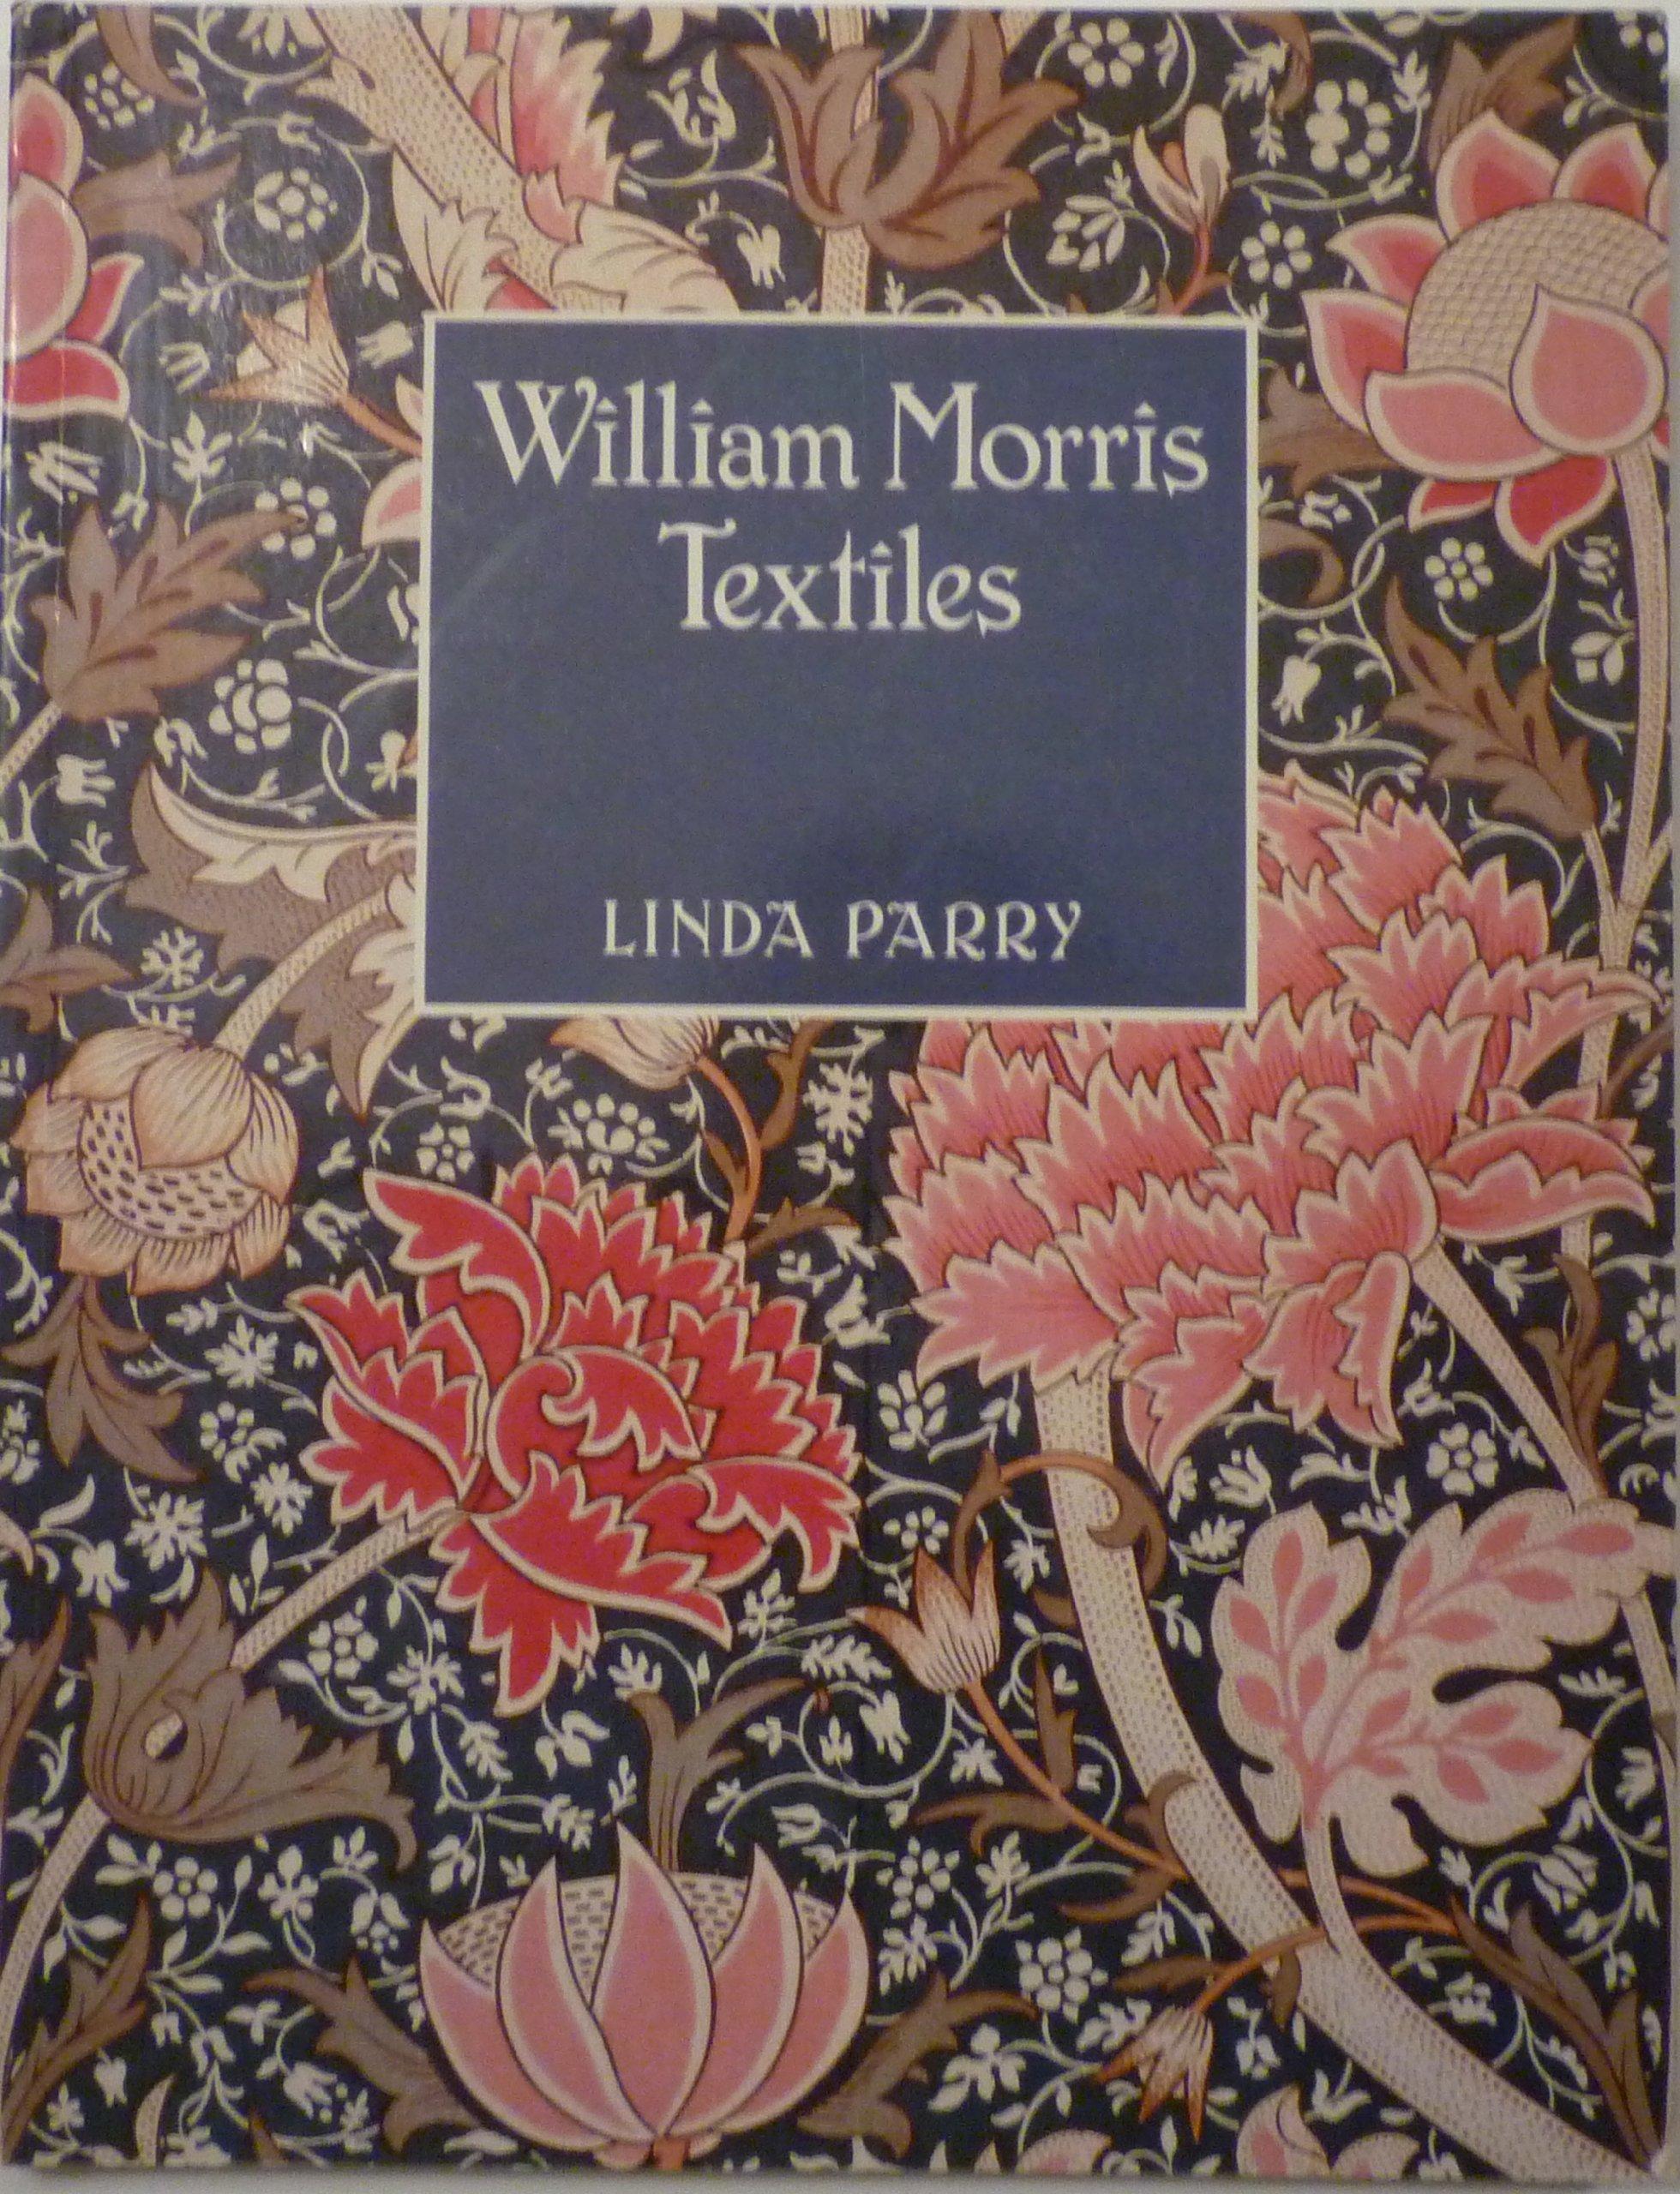 William Morris Textiles Paperback – August 1, 1985 Linda Parry Viking Pr 0670770744 General